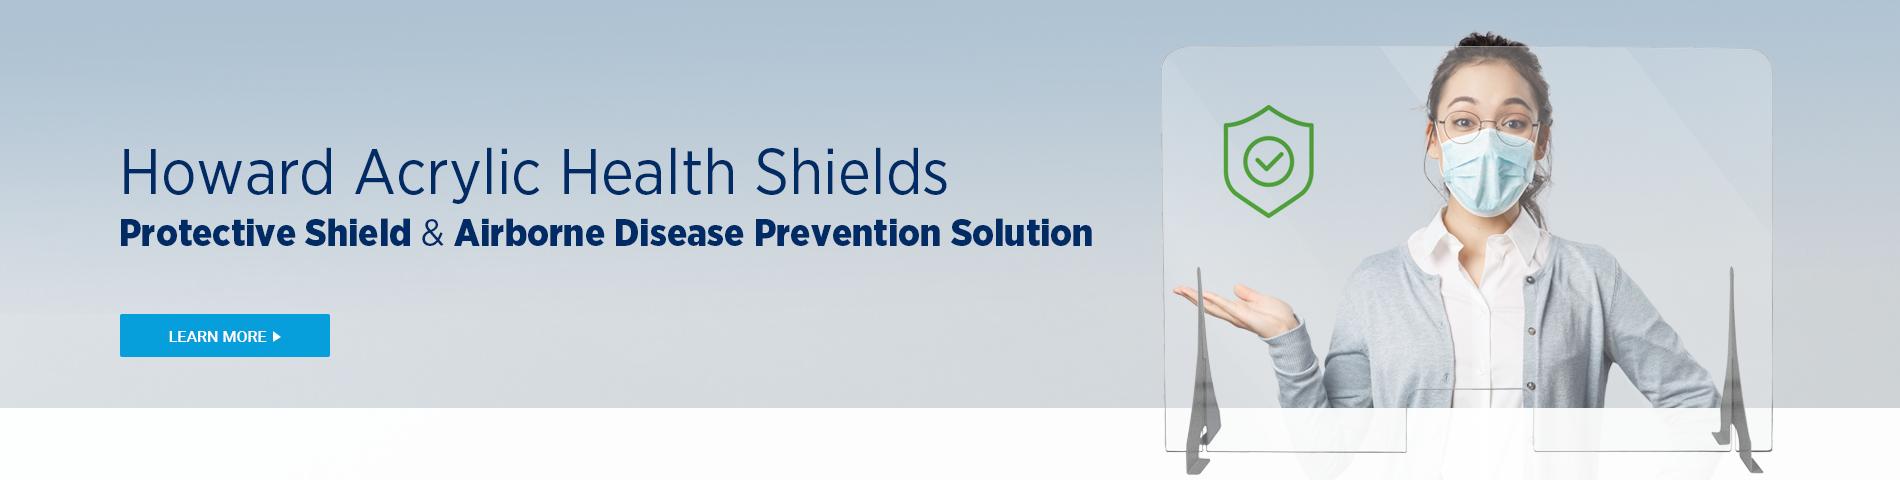 Howard Acrylic Health Shields